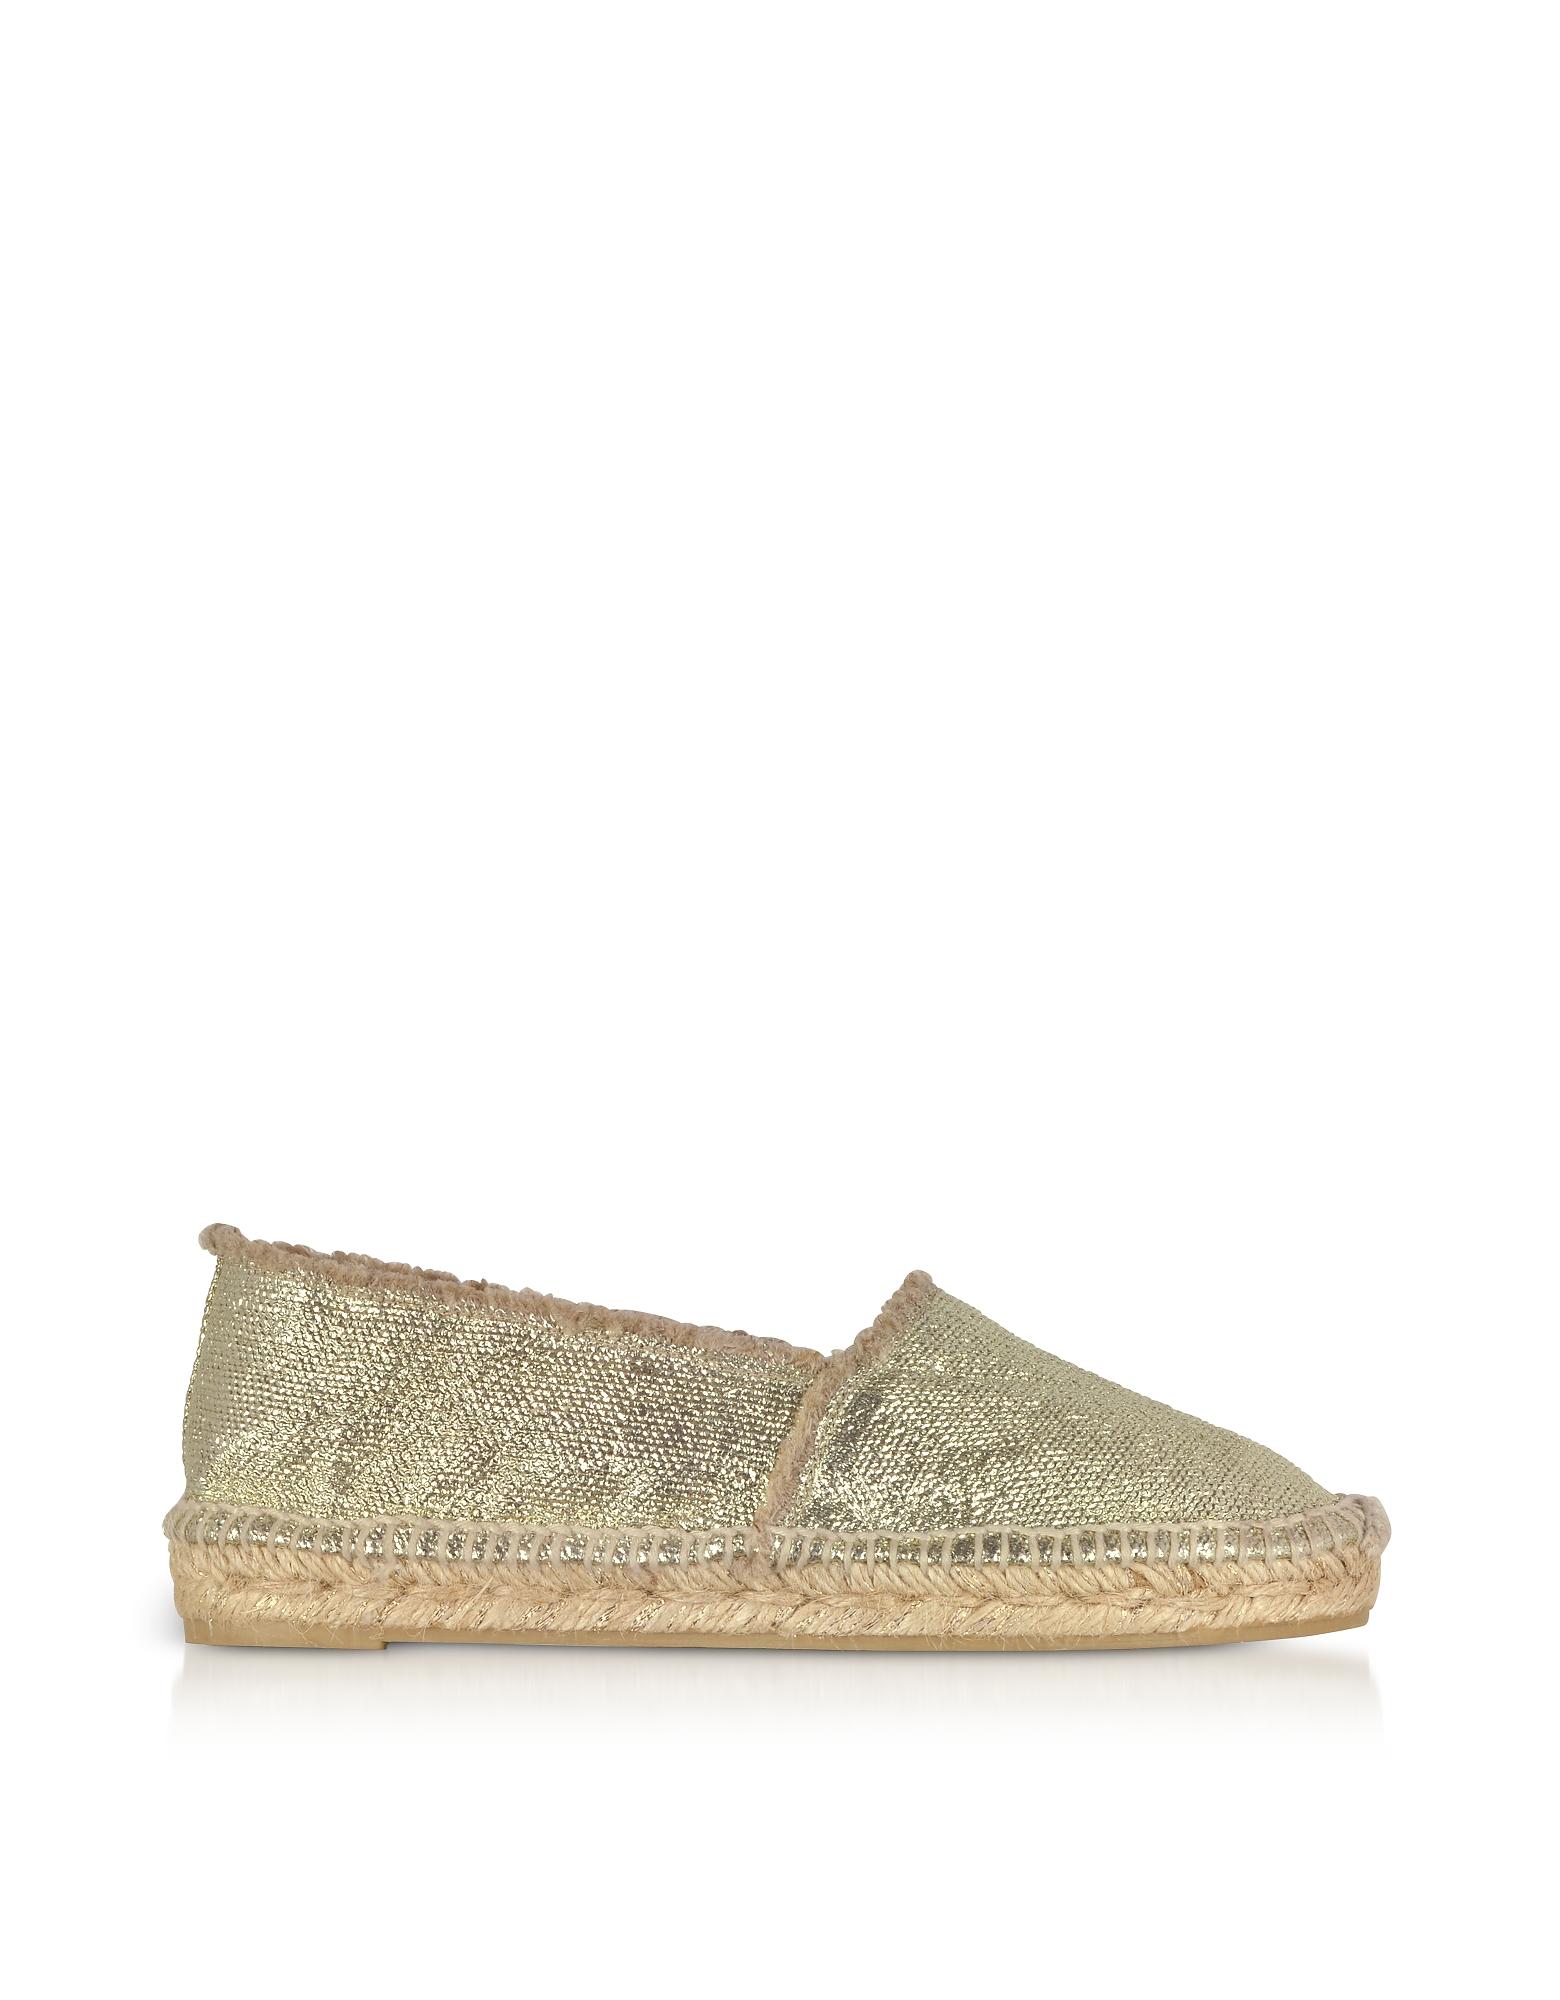 Castaner Designer Shoes, Kito Golden Canvas Espadrilles